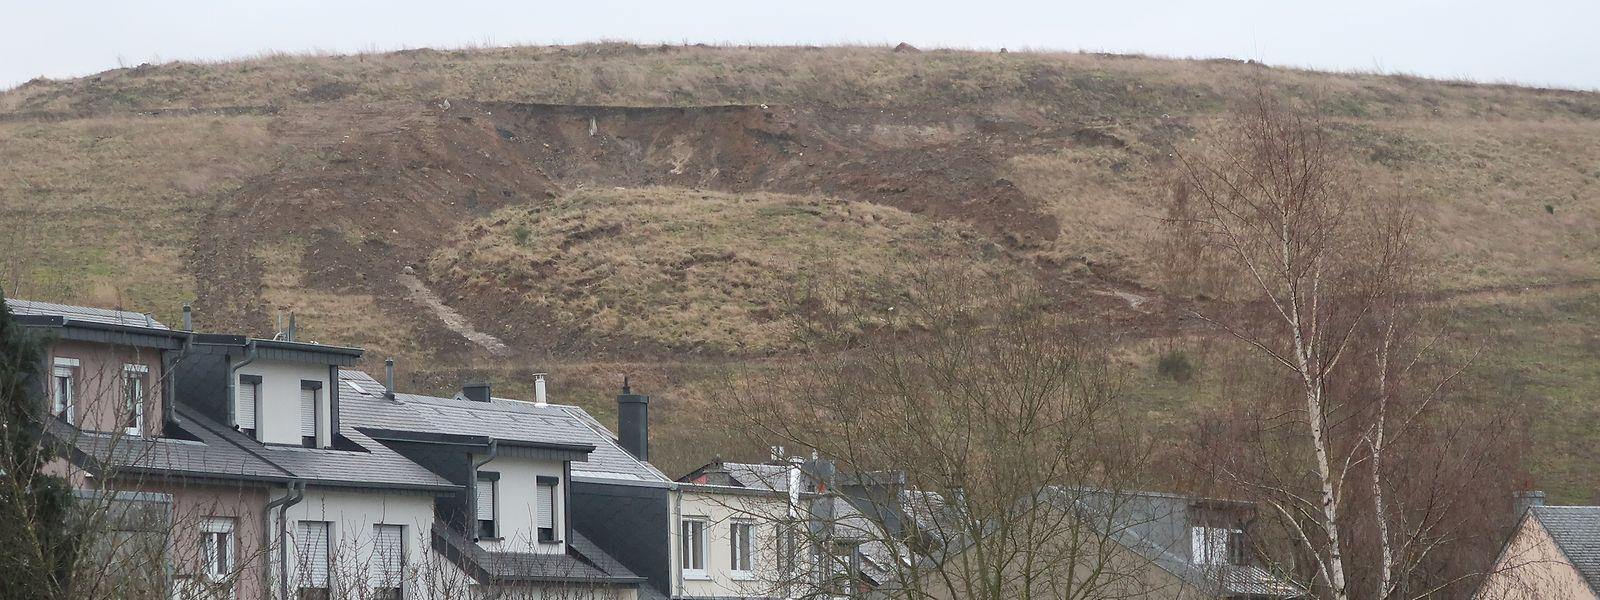 Dort, wo der Böschungsrutsch am 6. Januar stattgefunden hat, ist mittlerweile weiteres Material nachgerutscht.